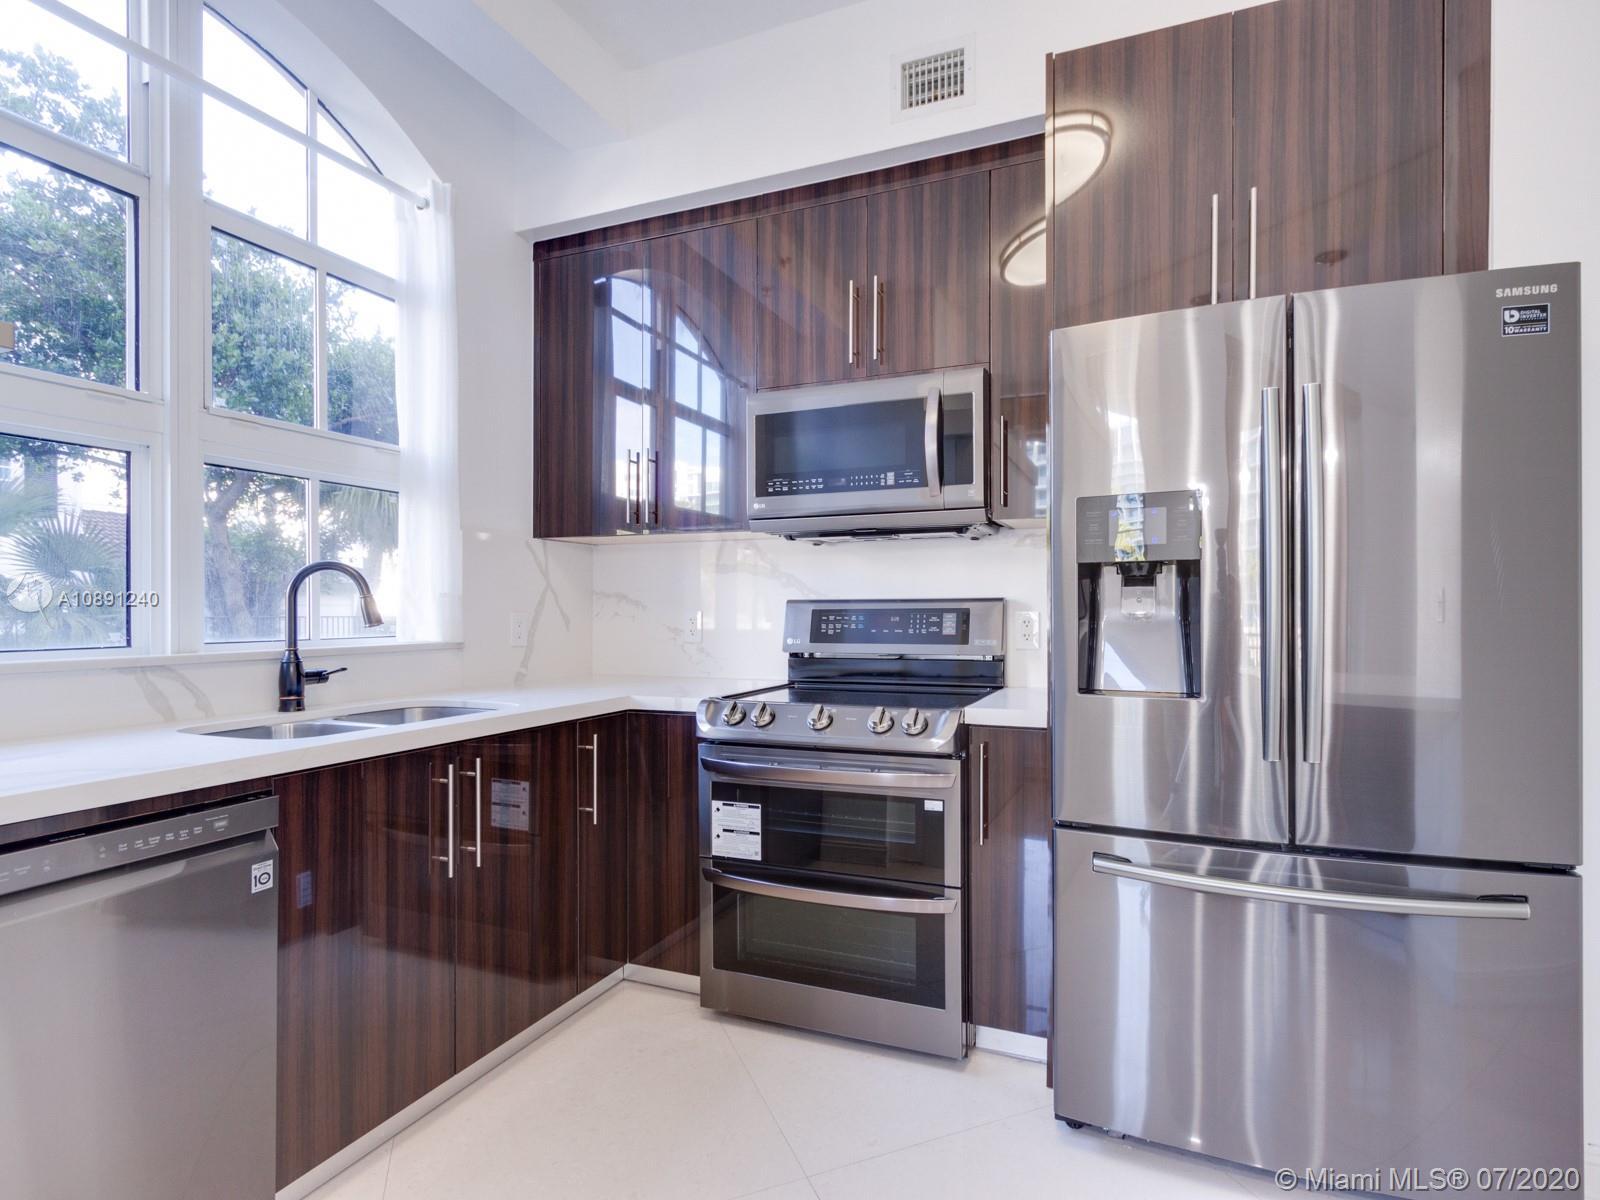 3001 NE 185th St #117 For Sale A10891240, FL